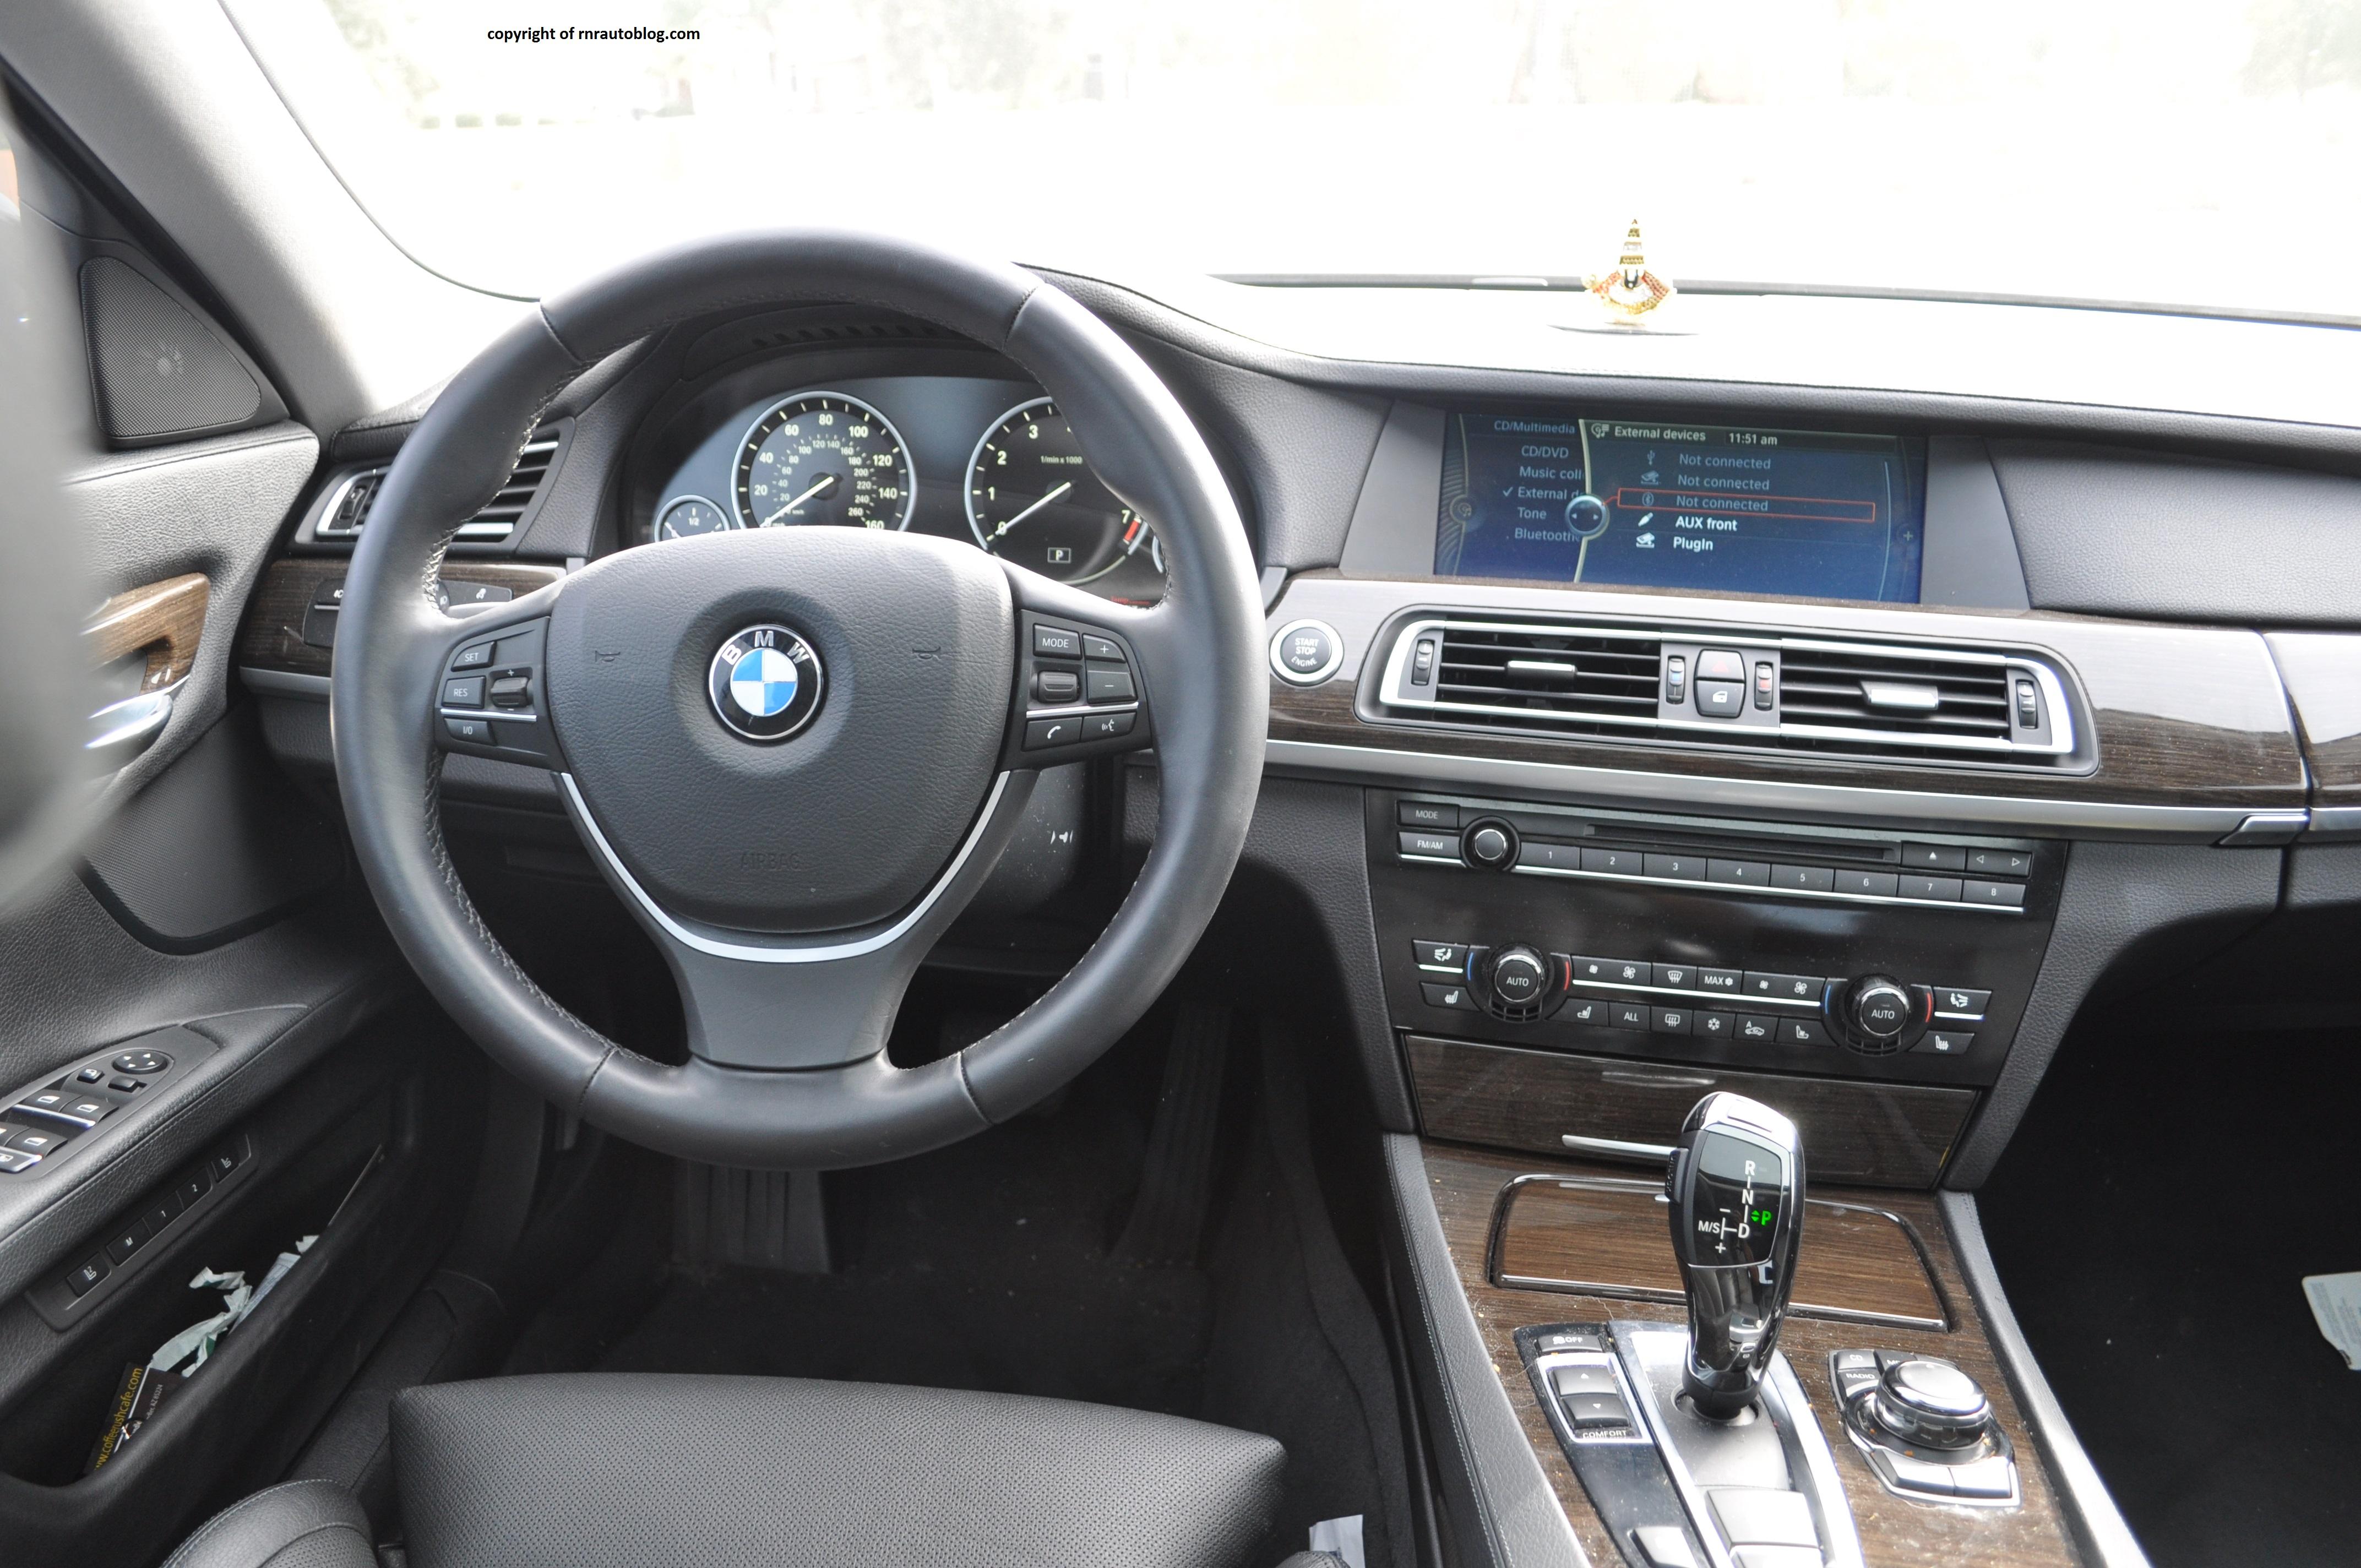 2011 BMW 740Li Review